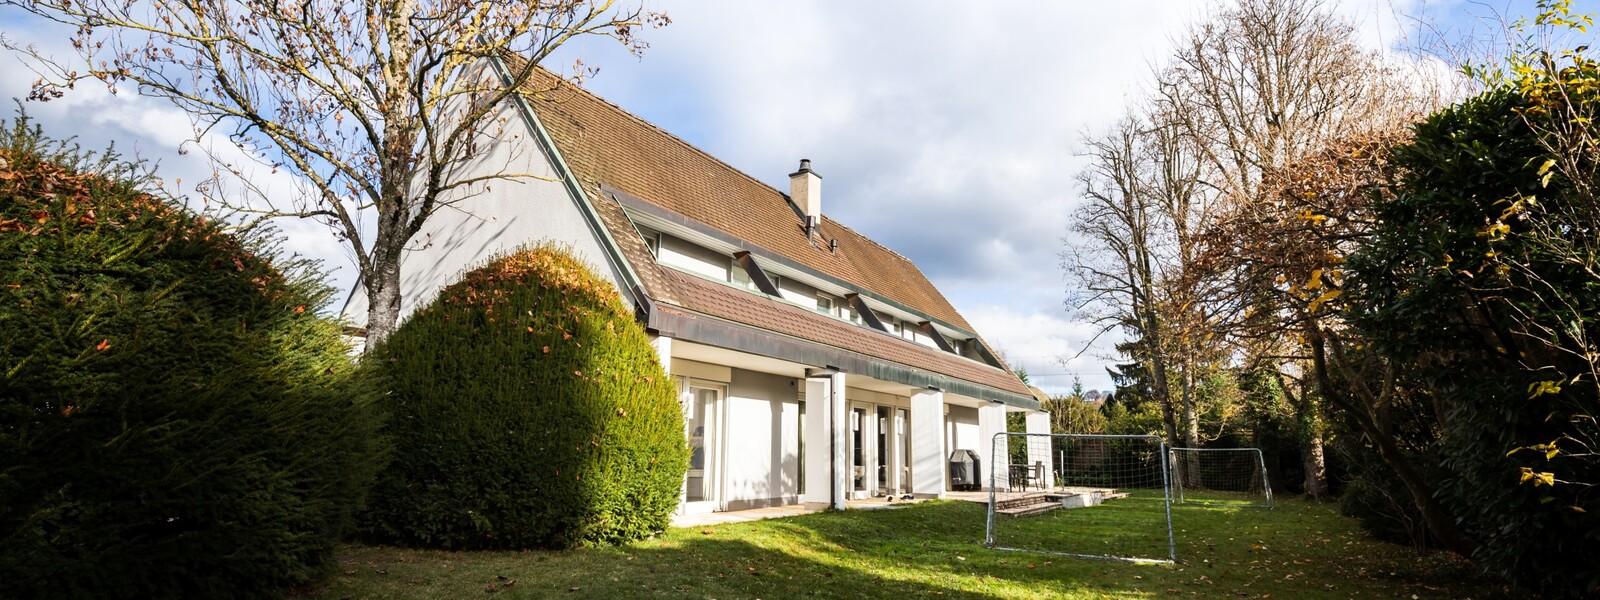 Einfamilienhaus in Lenzburg